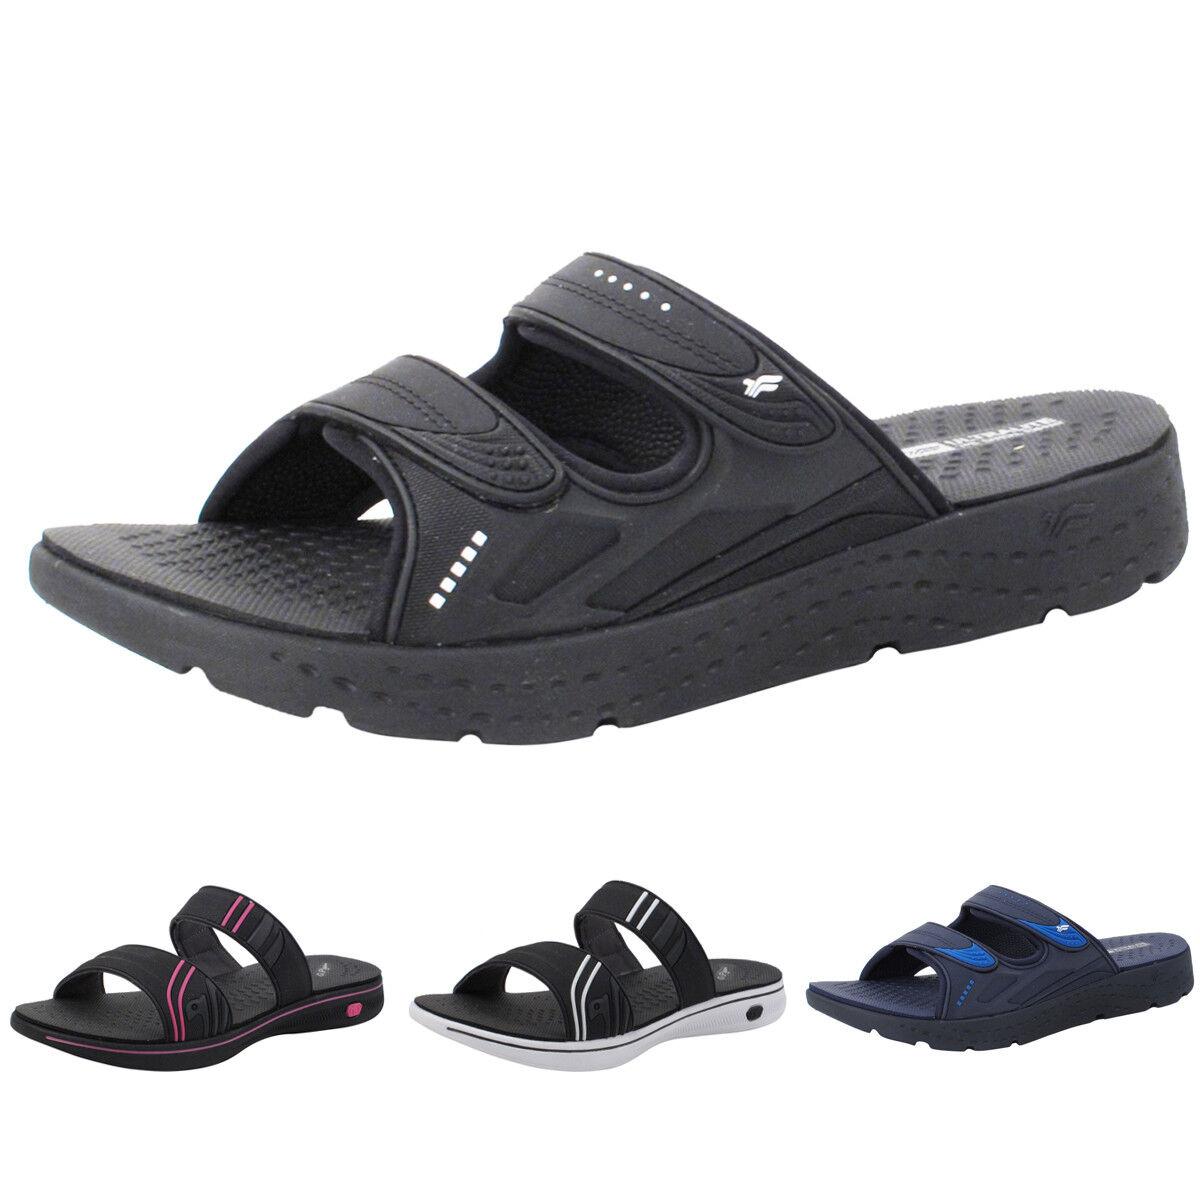 EVA Anti-Fatigue Ultra Light Weight Indoor Outdoor Slide Sandals for Men & Women